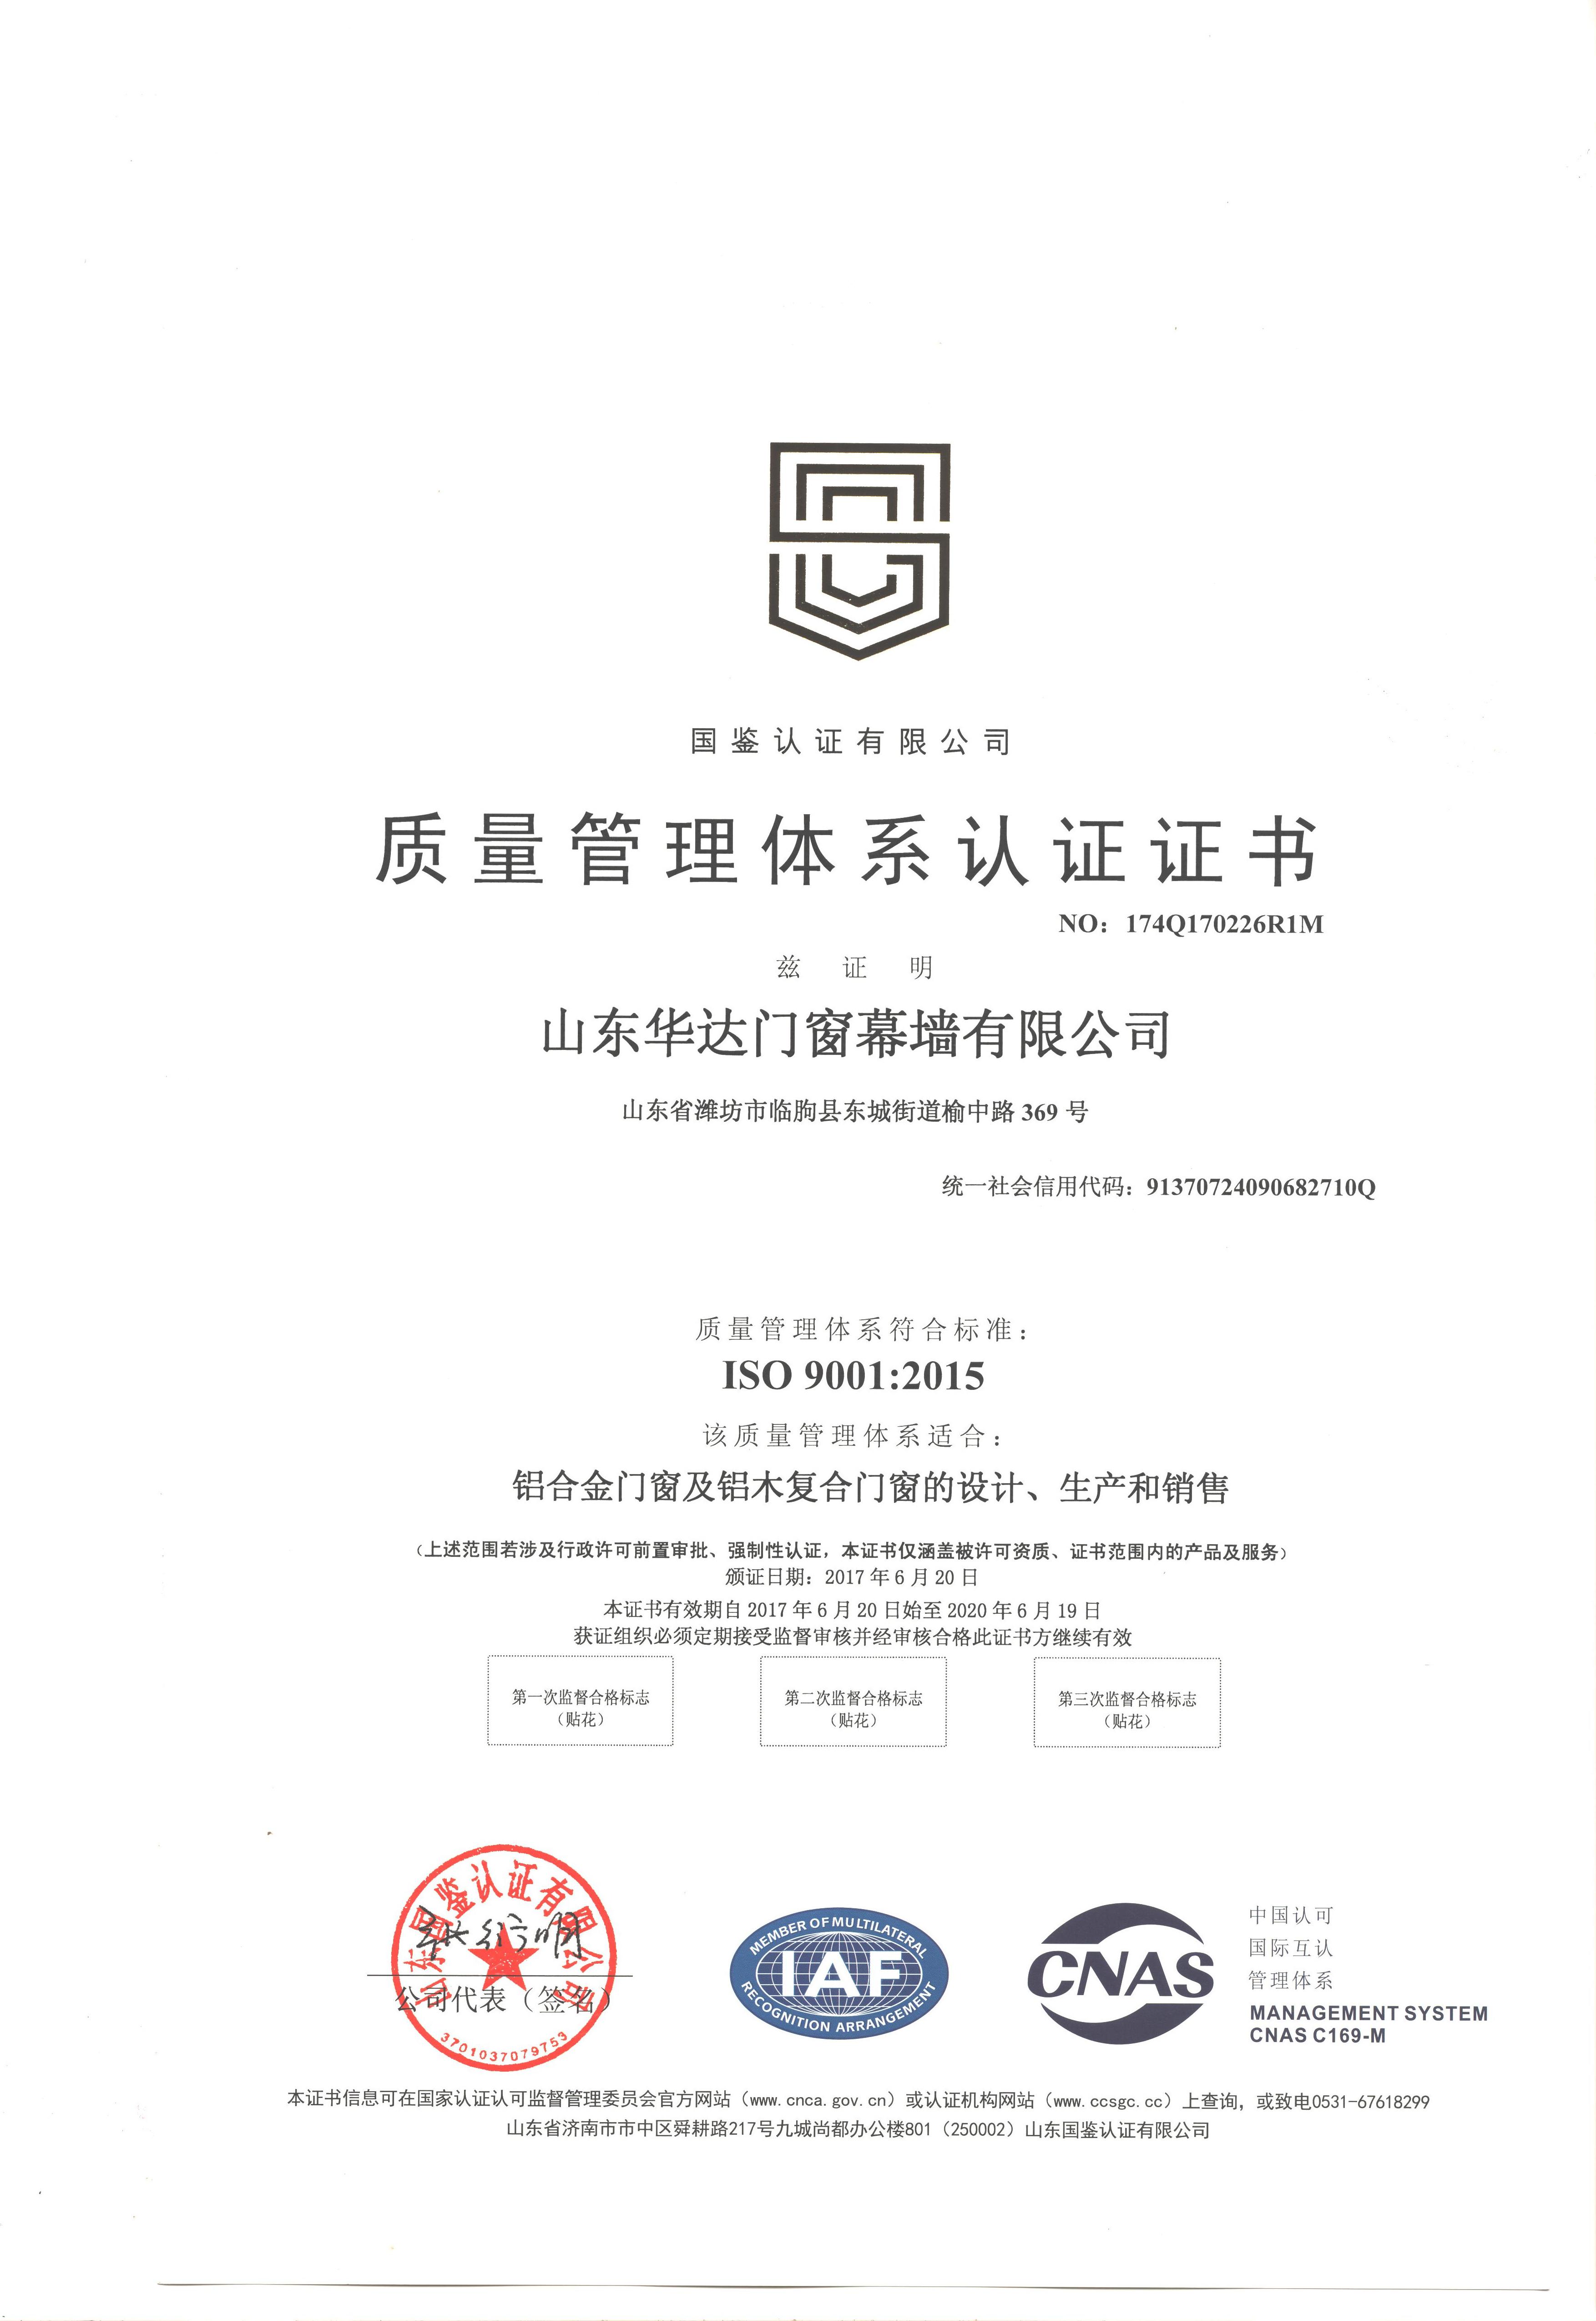 质量体系证书9001